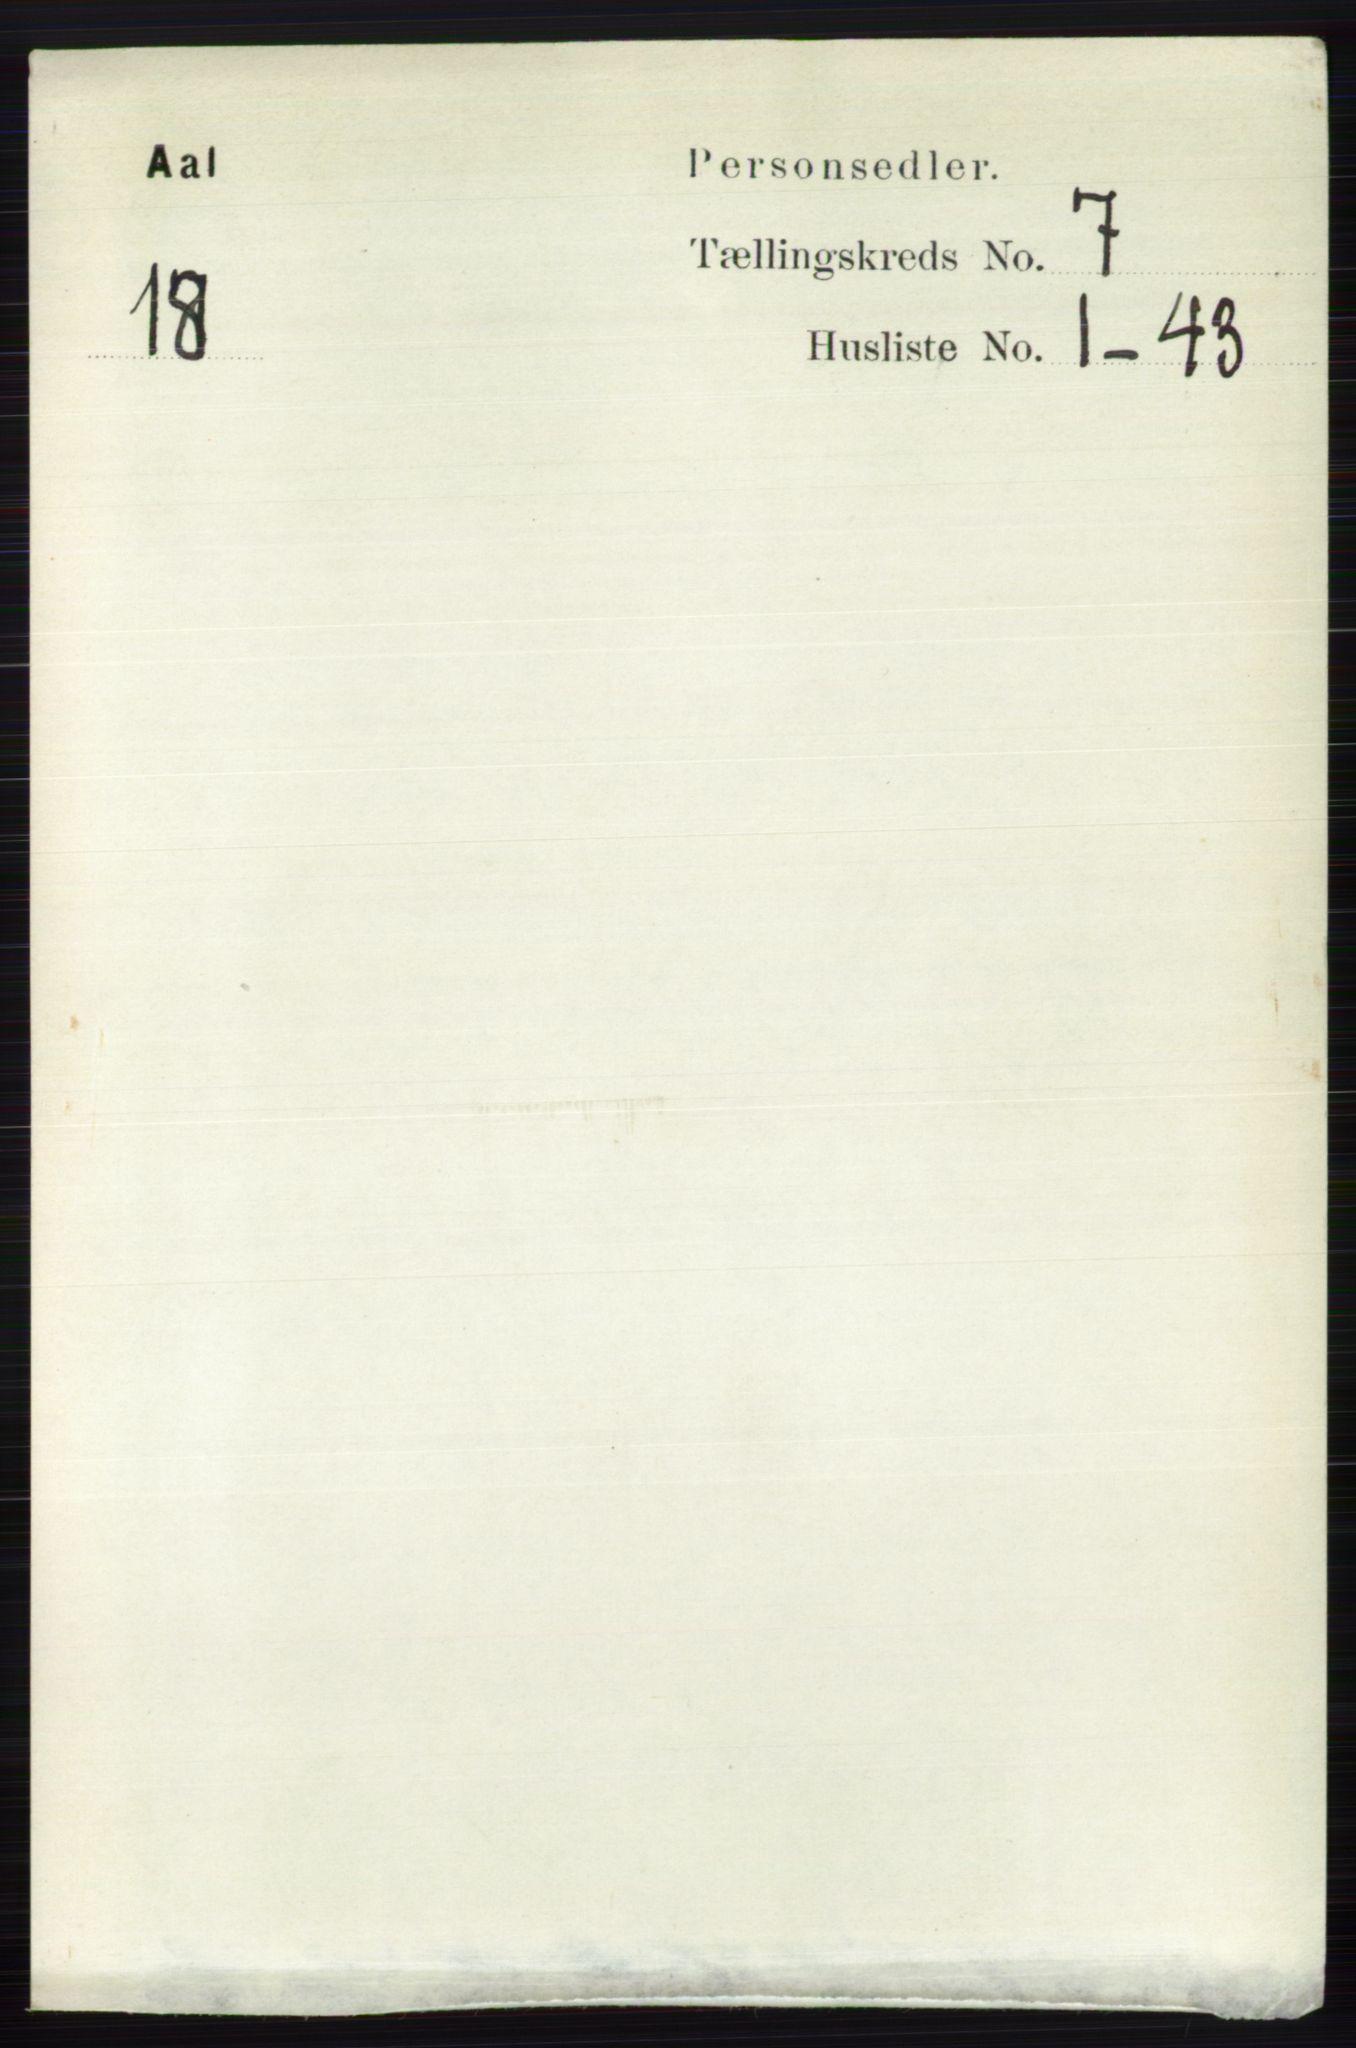 RA, Folketelling 1891 for 0619 Ål herred, 1891, s. 1826